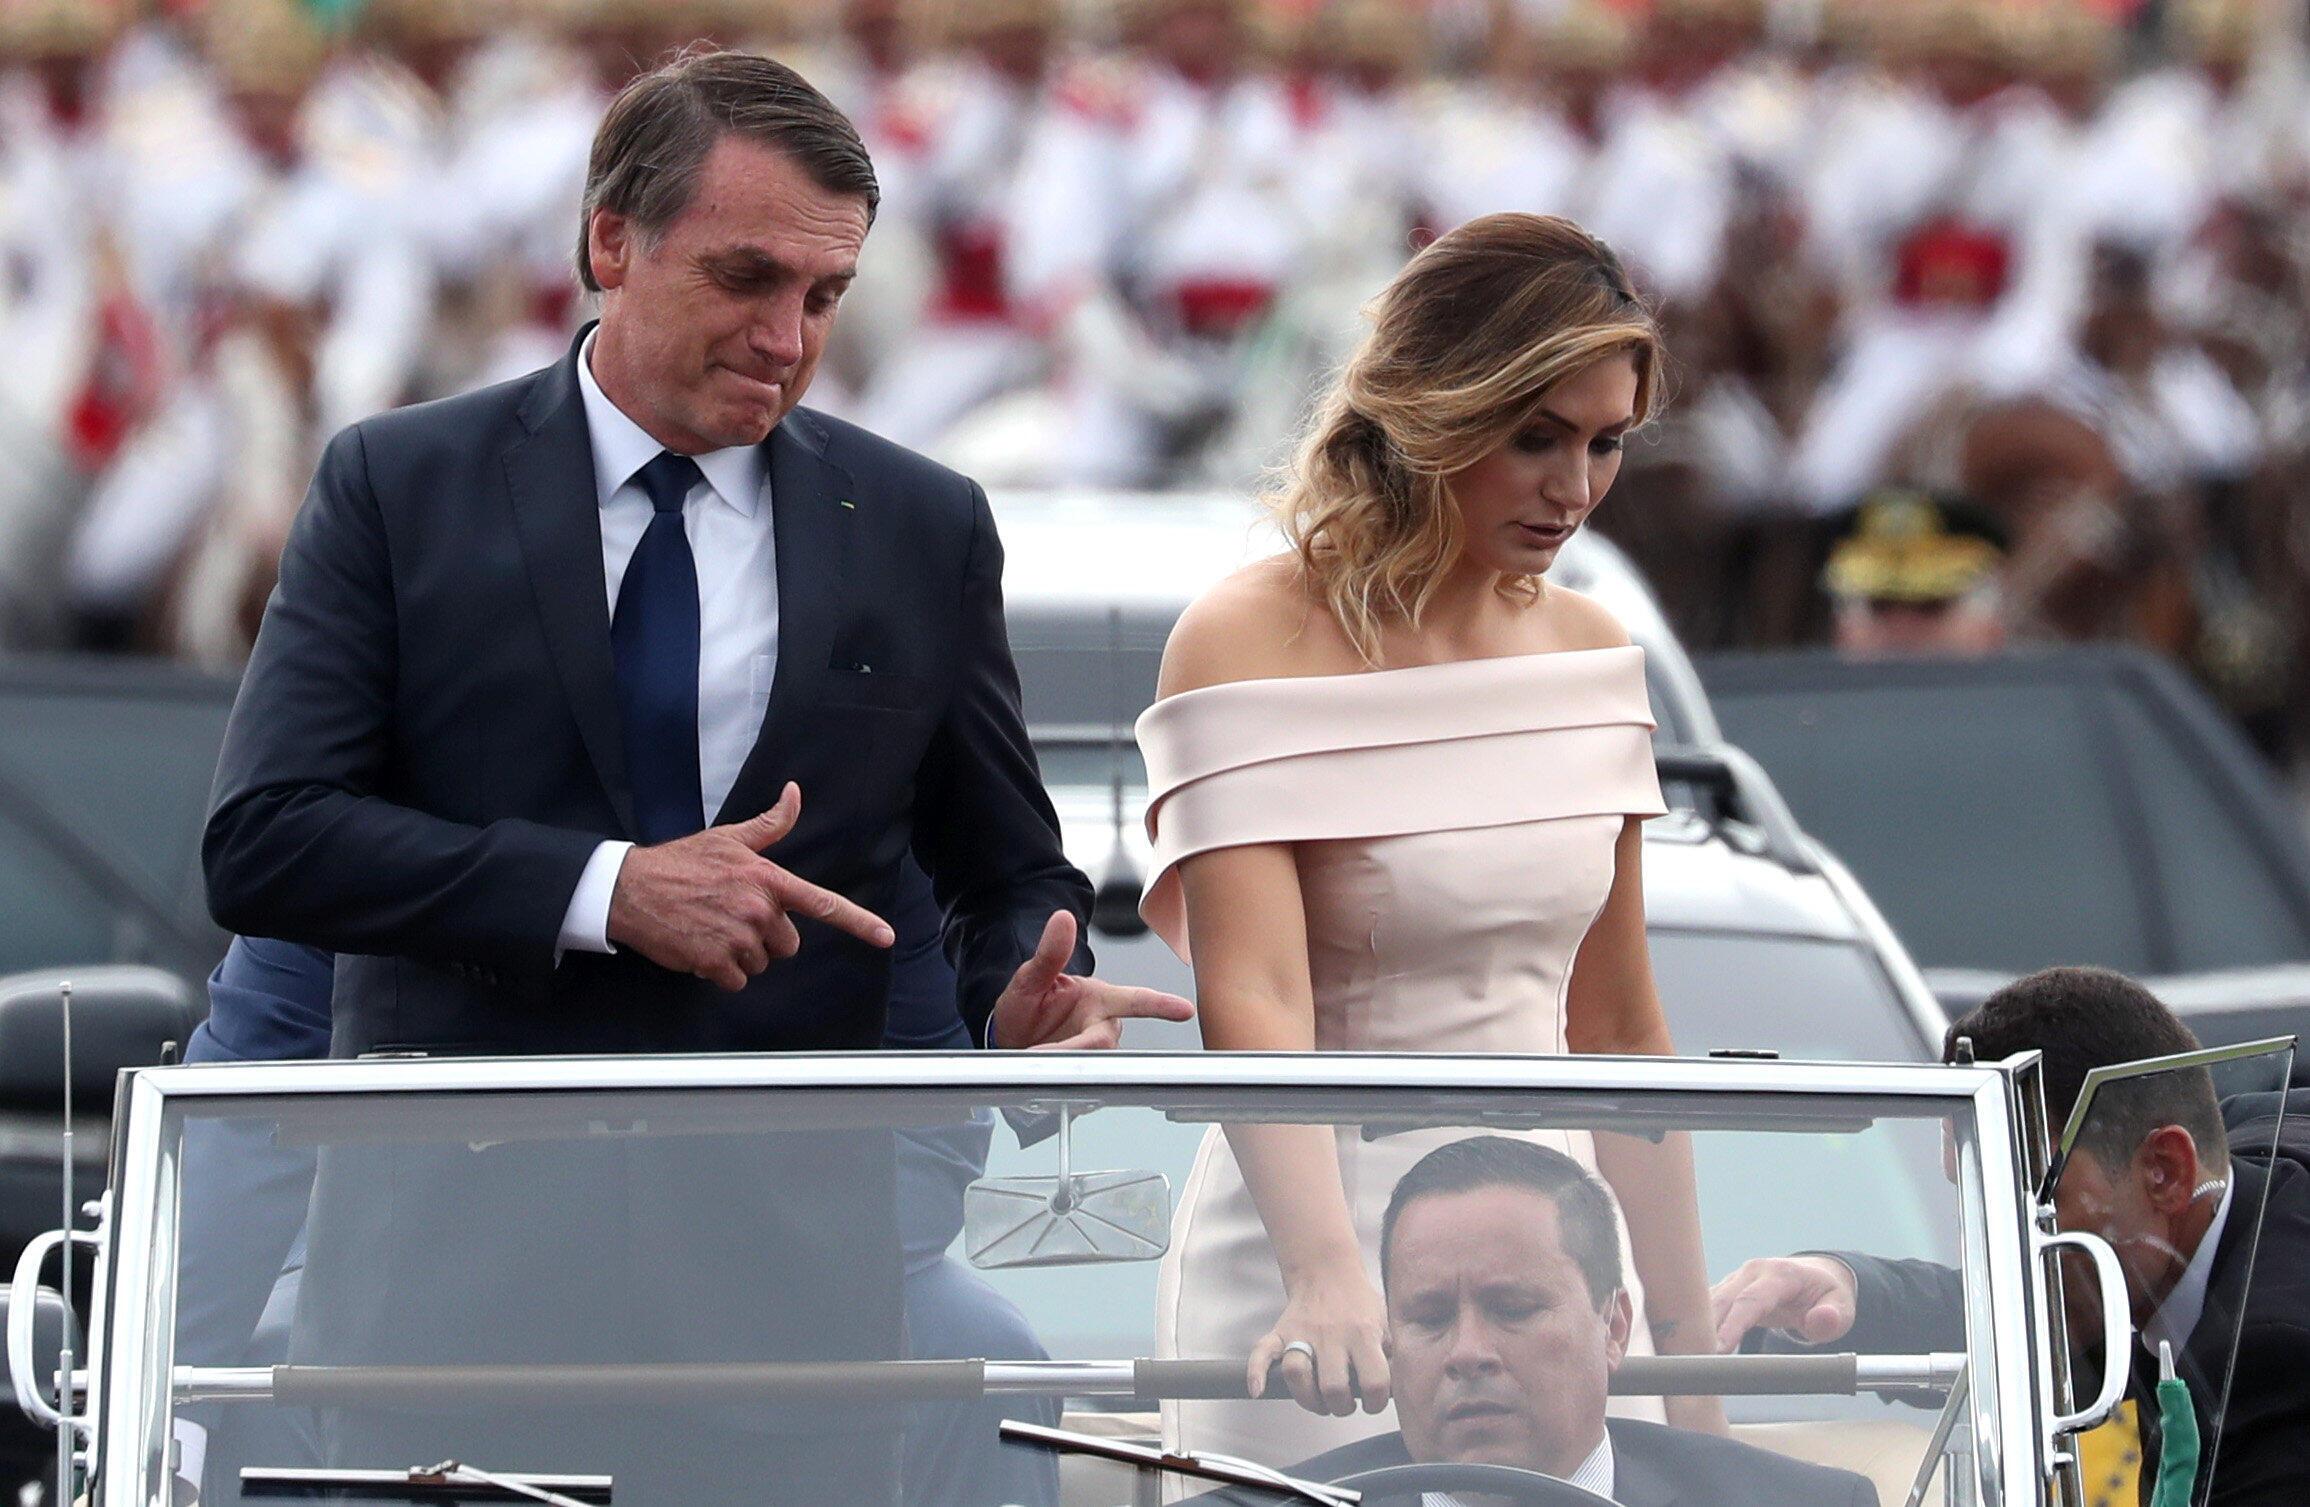 O presidente Jair Bolsonaro faz o gesto com os dedos, um dos símbolos da sua campanha eleitoral.